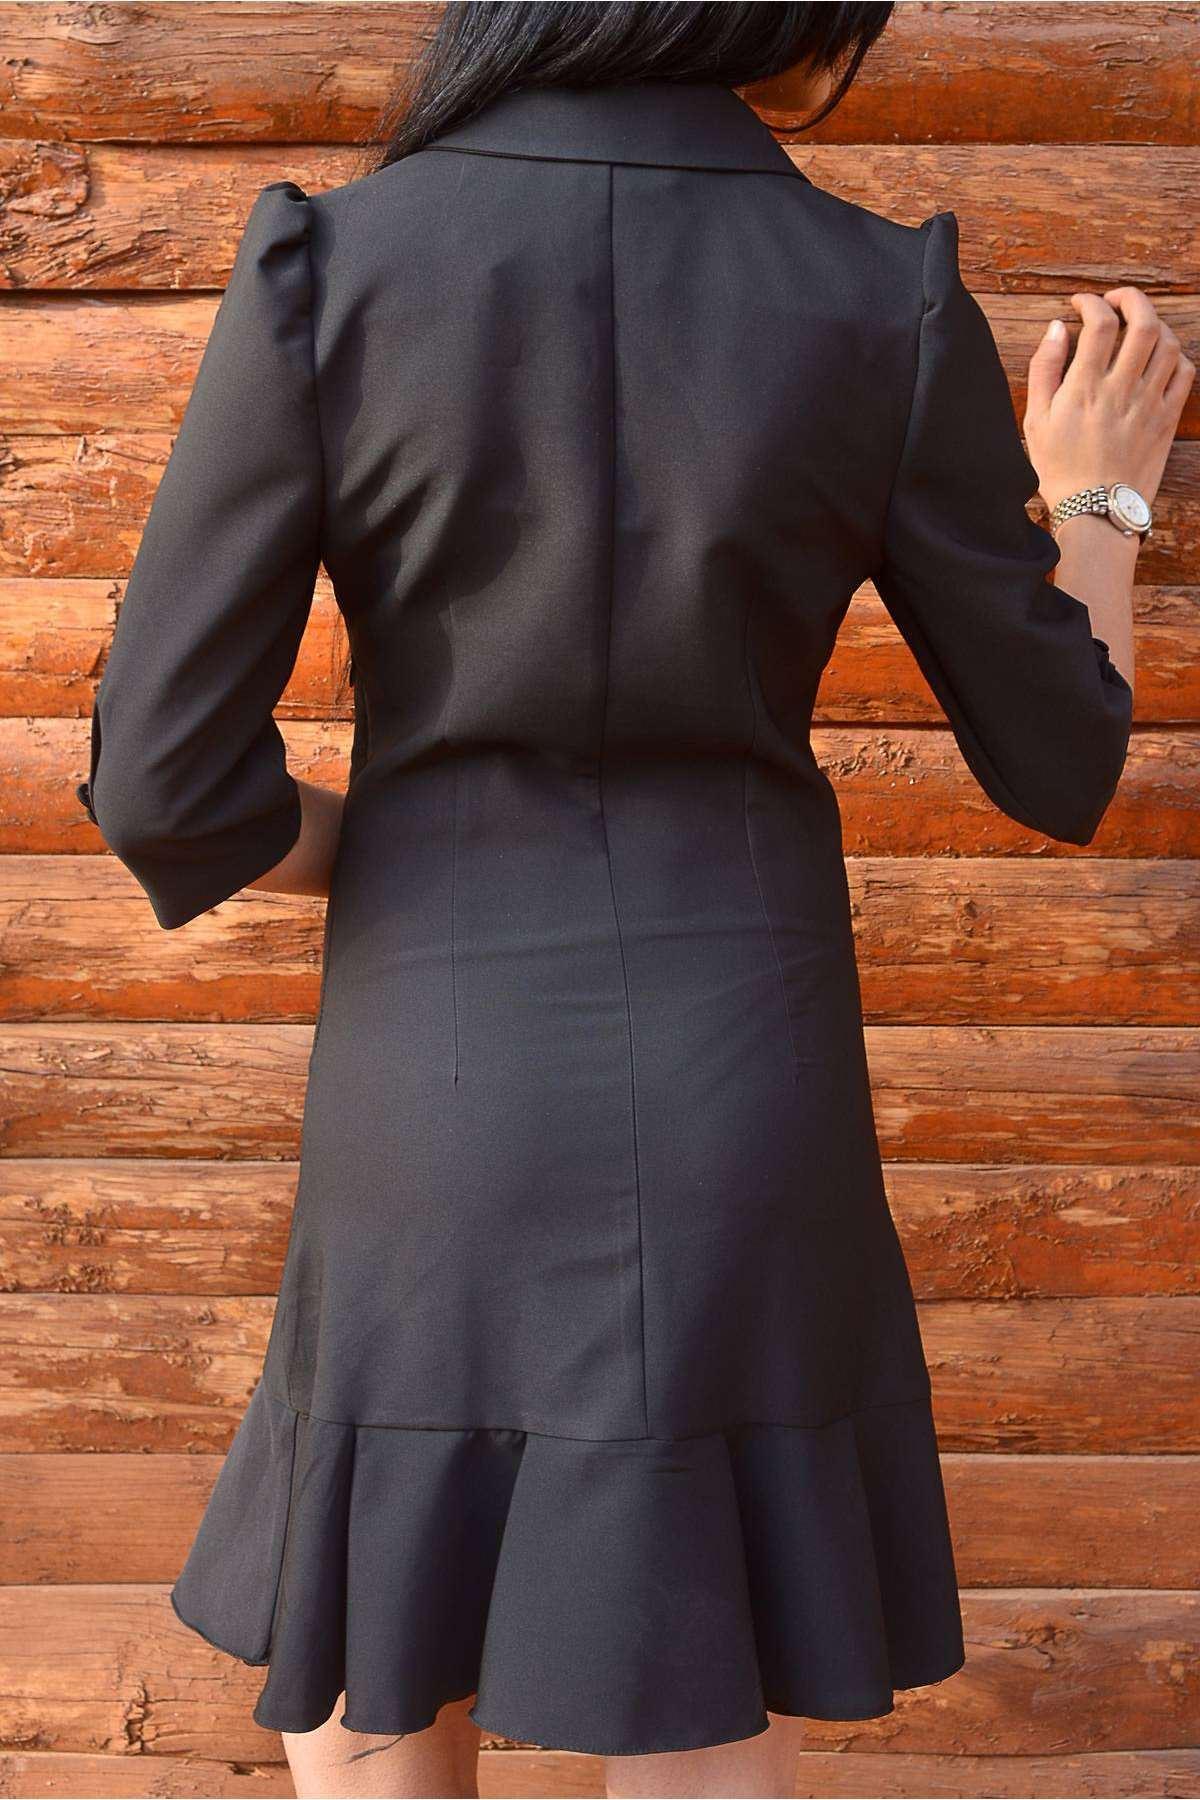 Önü Çift Düğme Detaylı Eteği Volanlı Gez Kol Elbise Siyah